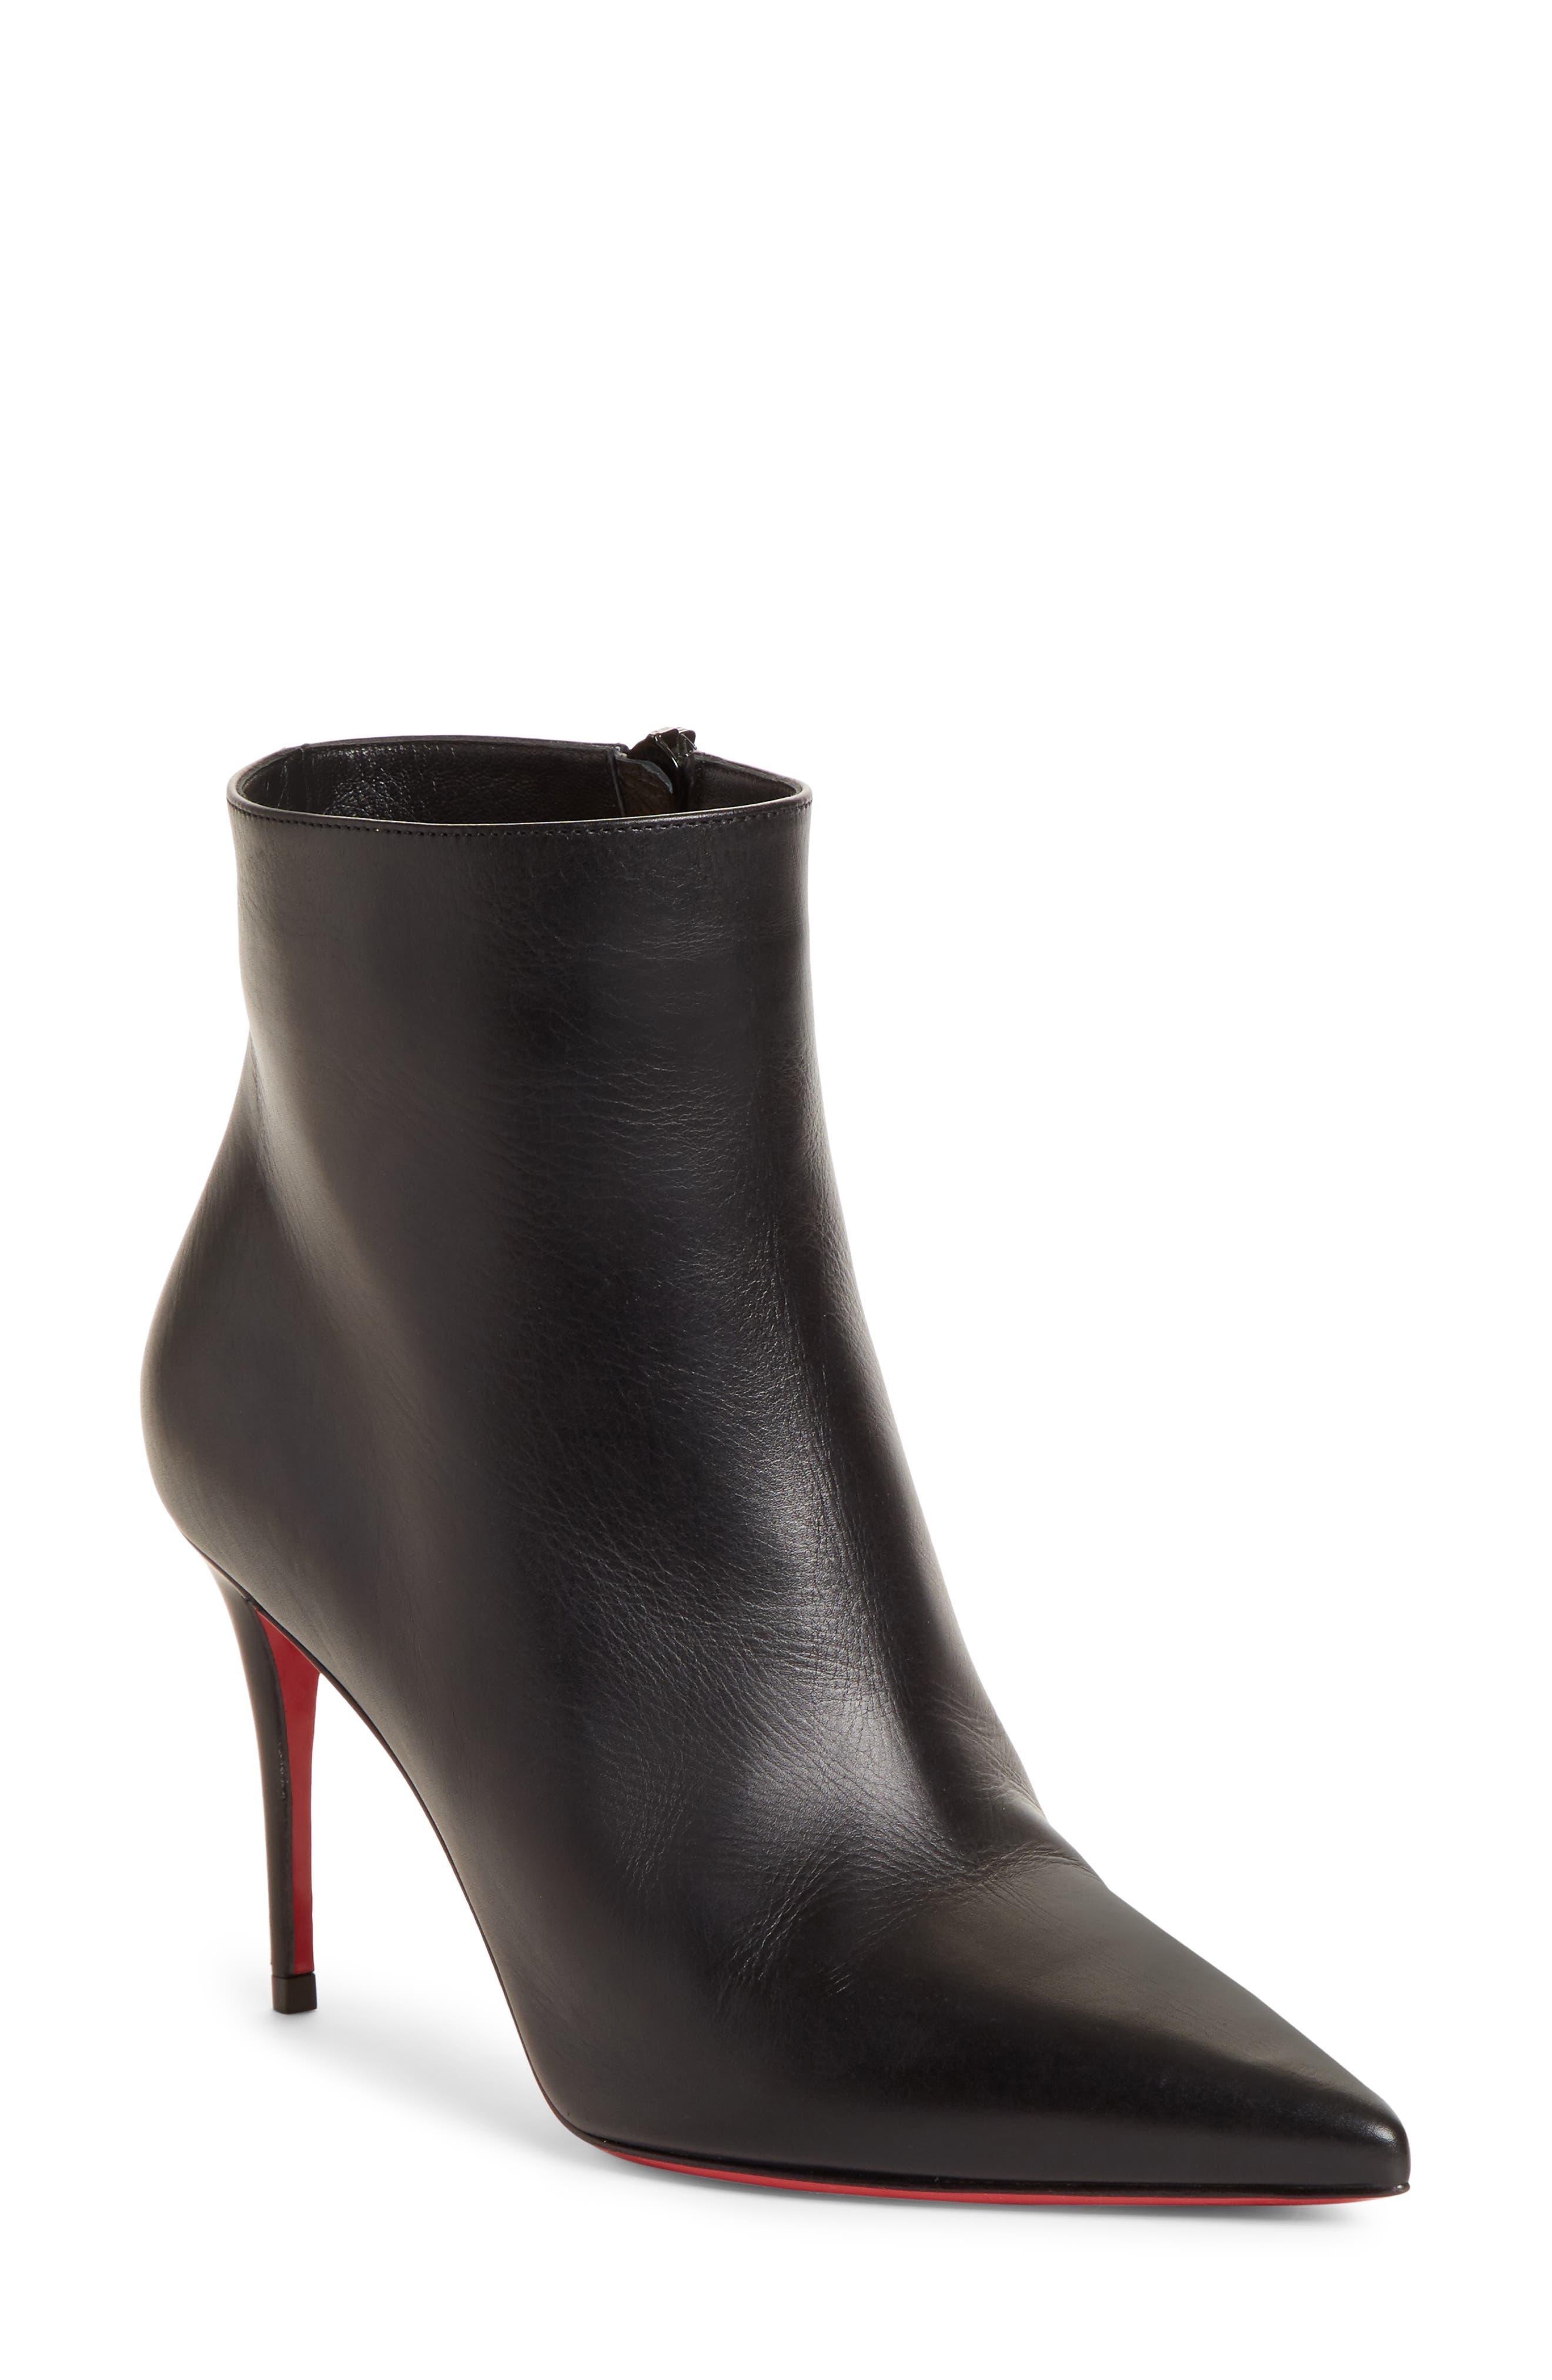 shop designer shoes online